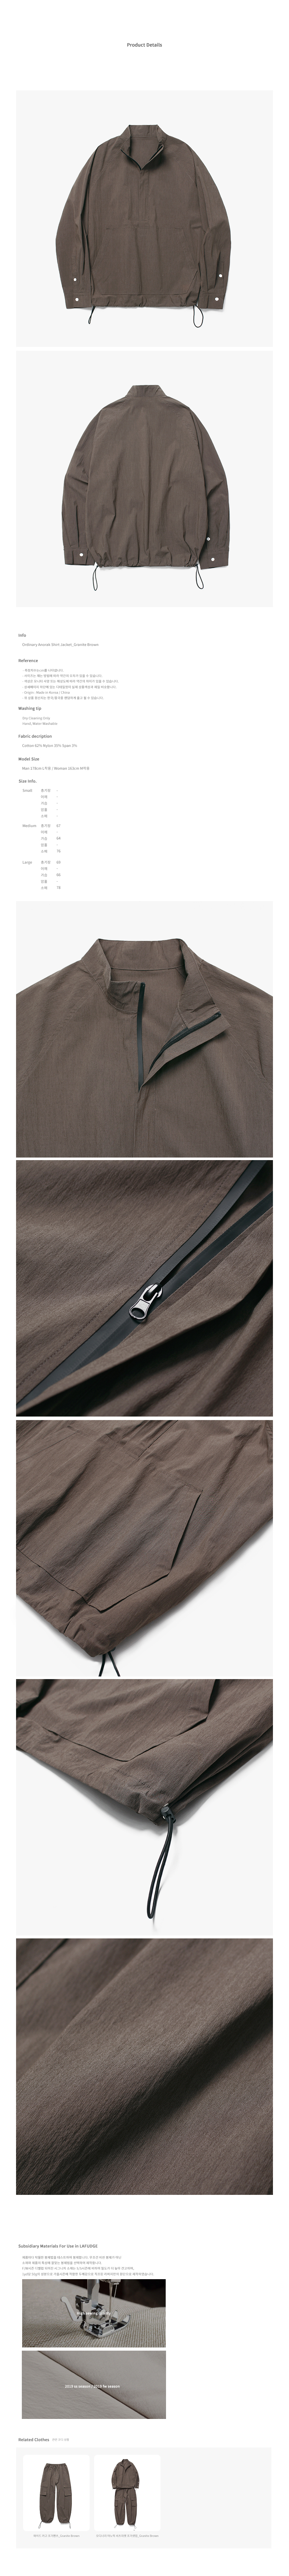 라퍼지스토어(LAFUDGESTORE) (Unisex)오디너리 아노락 셔츠자켓_Granite Brown